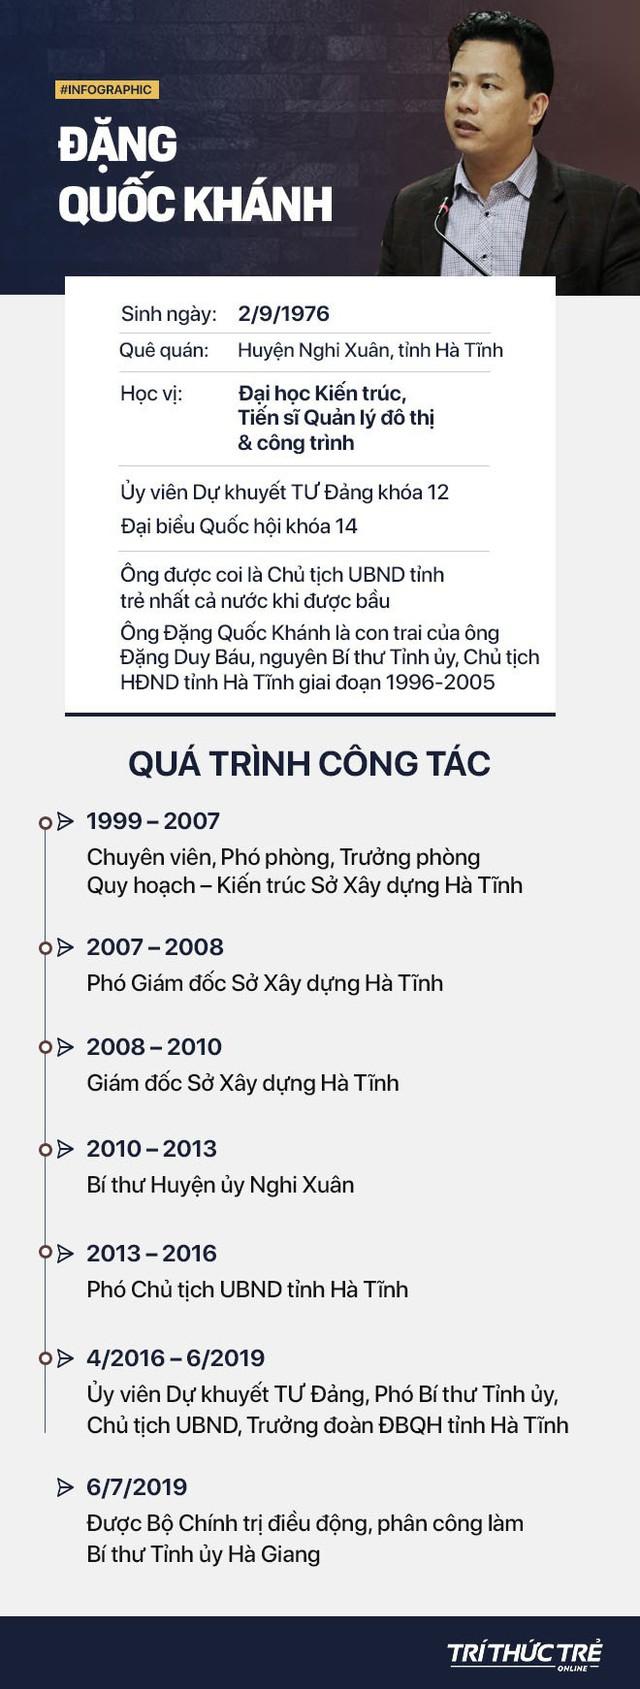 Chủ tịch Hà Tĩnh Đặng Quốc Khánh làm Bí thư Tỉnh ủy Hà Giang - Ảnh 1.